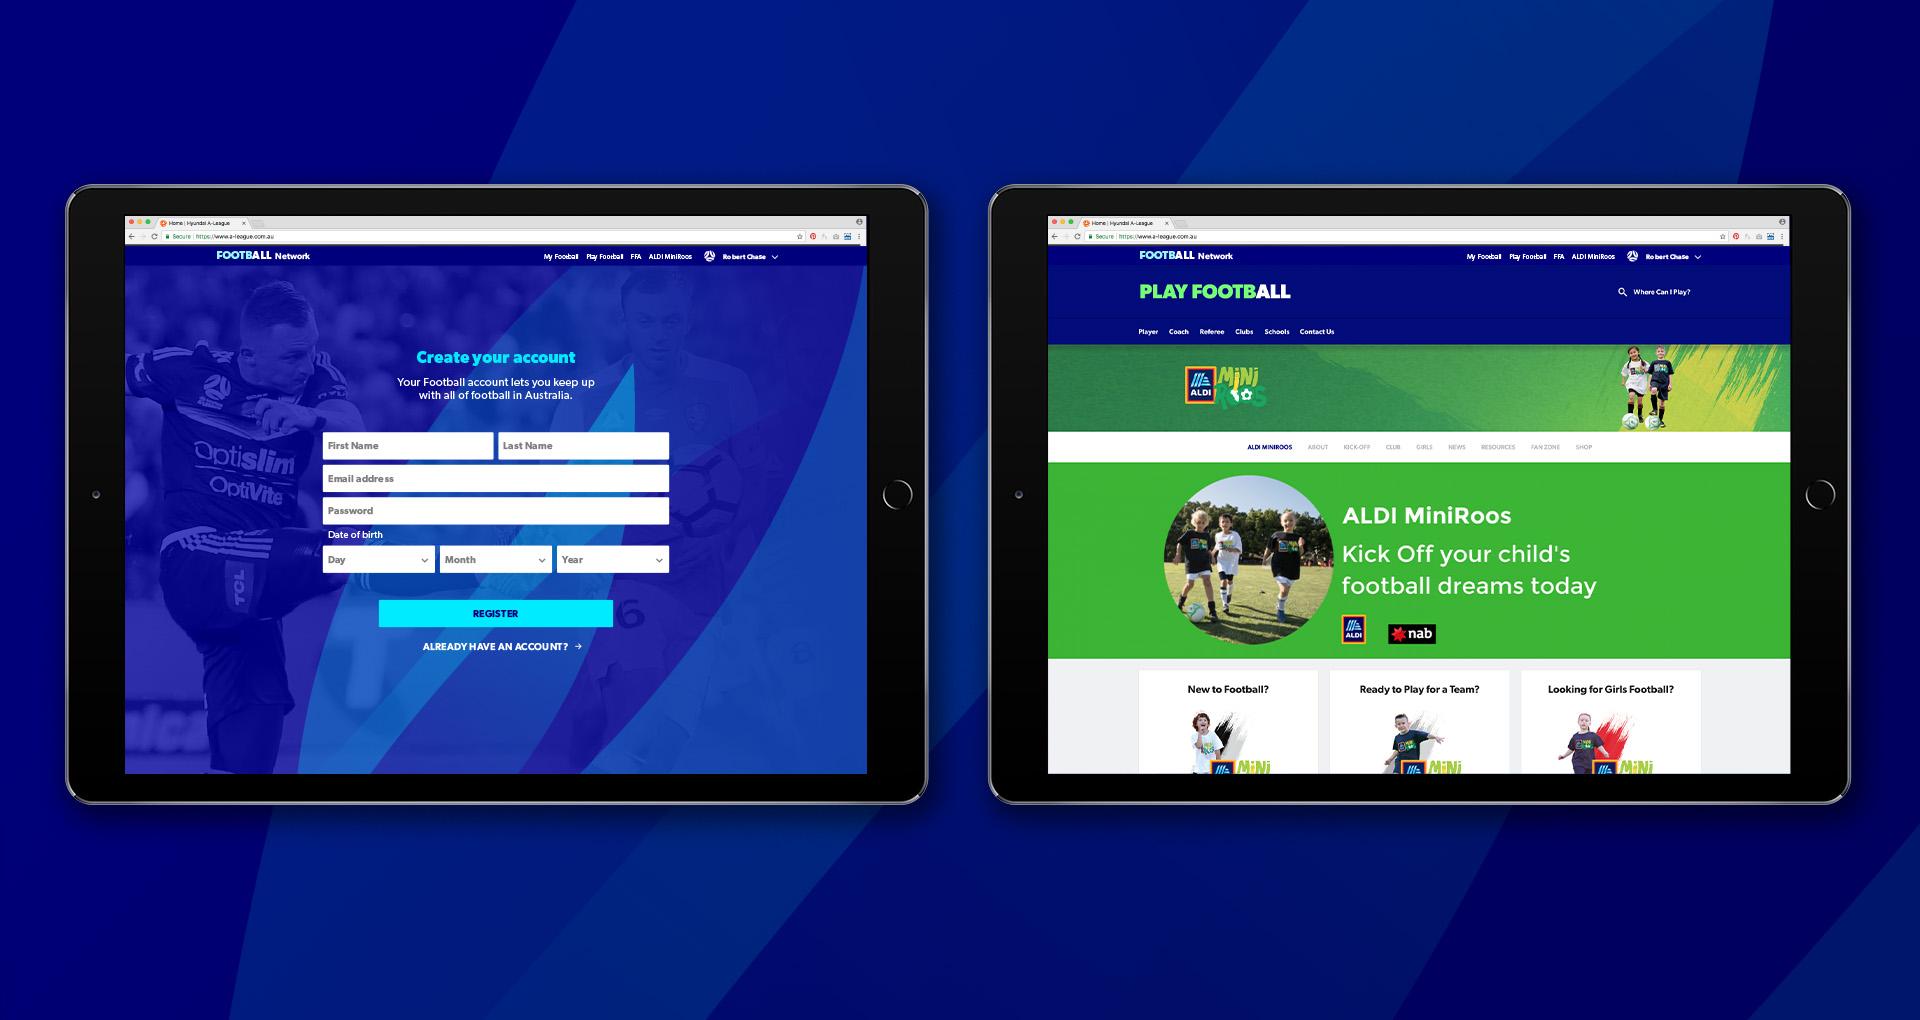 FootbALL_Account_iPad_02.jpg